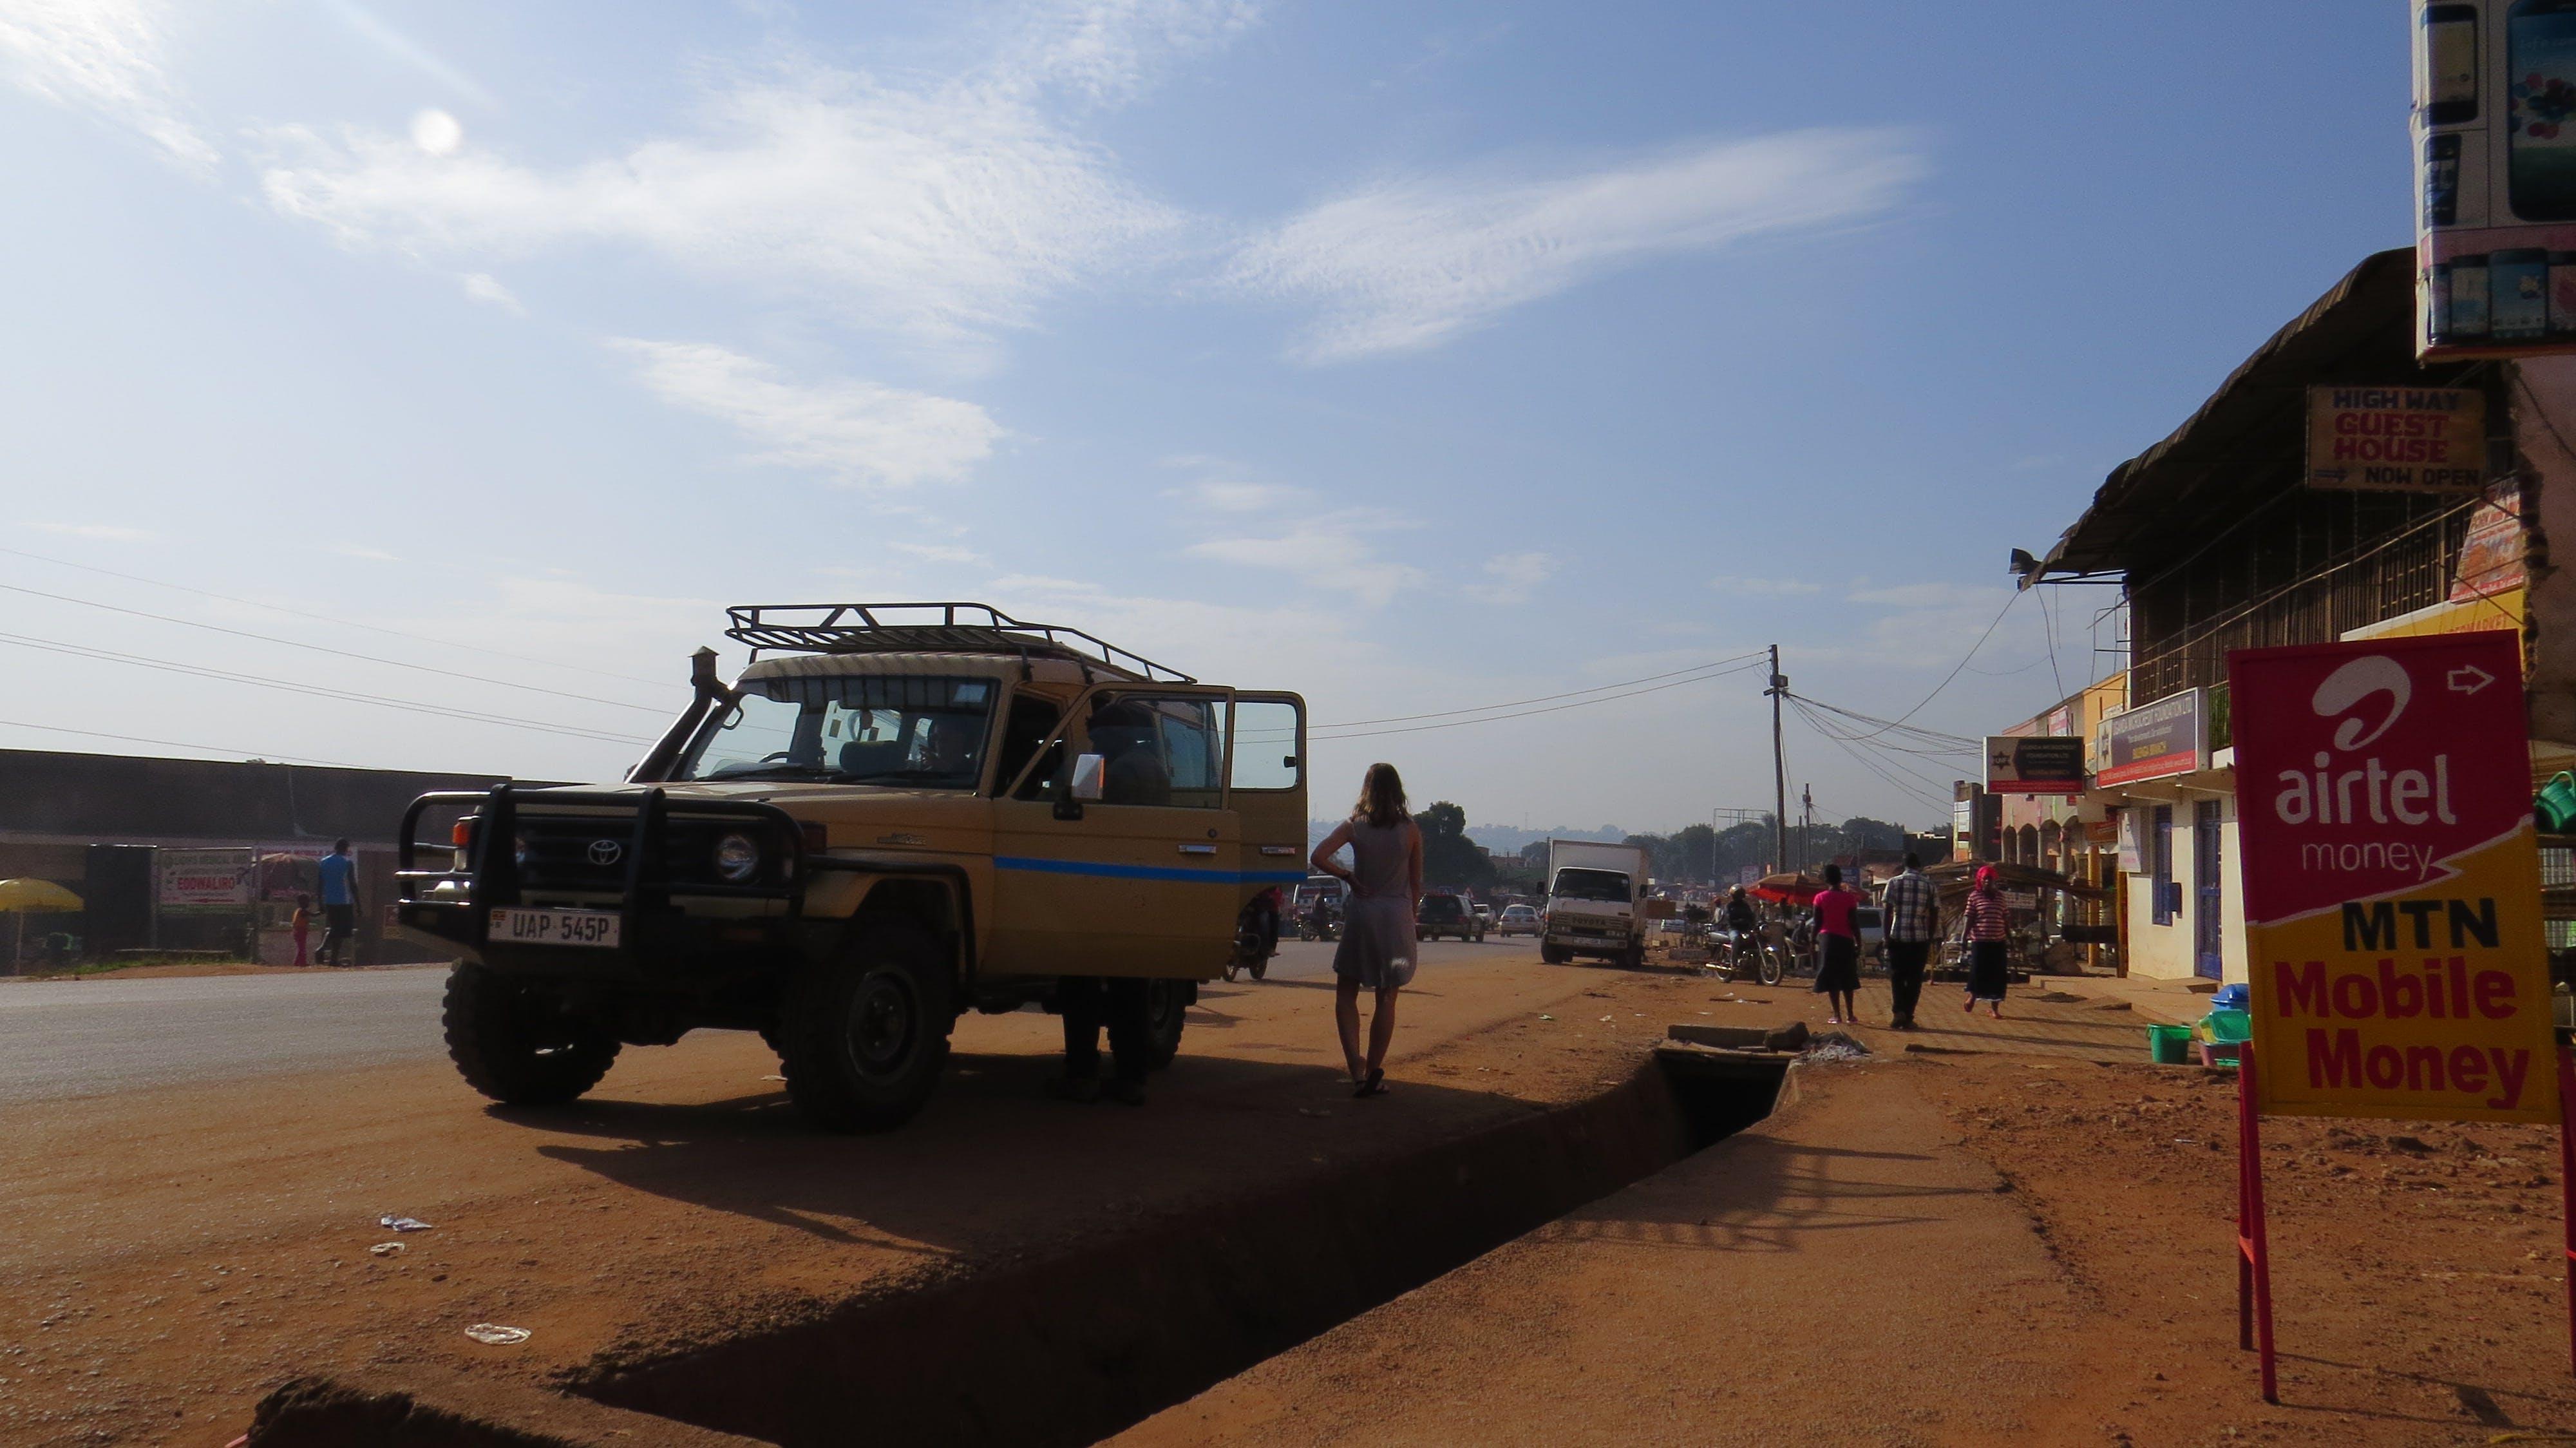 Δωρεάν στοκ φωτογραφιών με road trip, Αφρική, κοινότητα, ουγκάντα